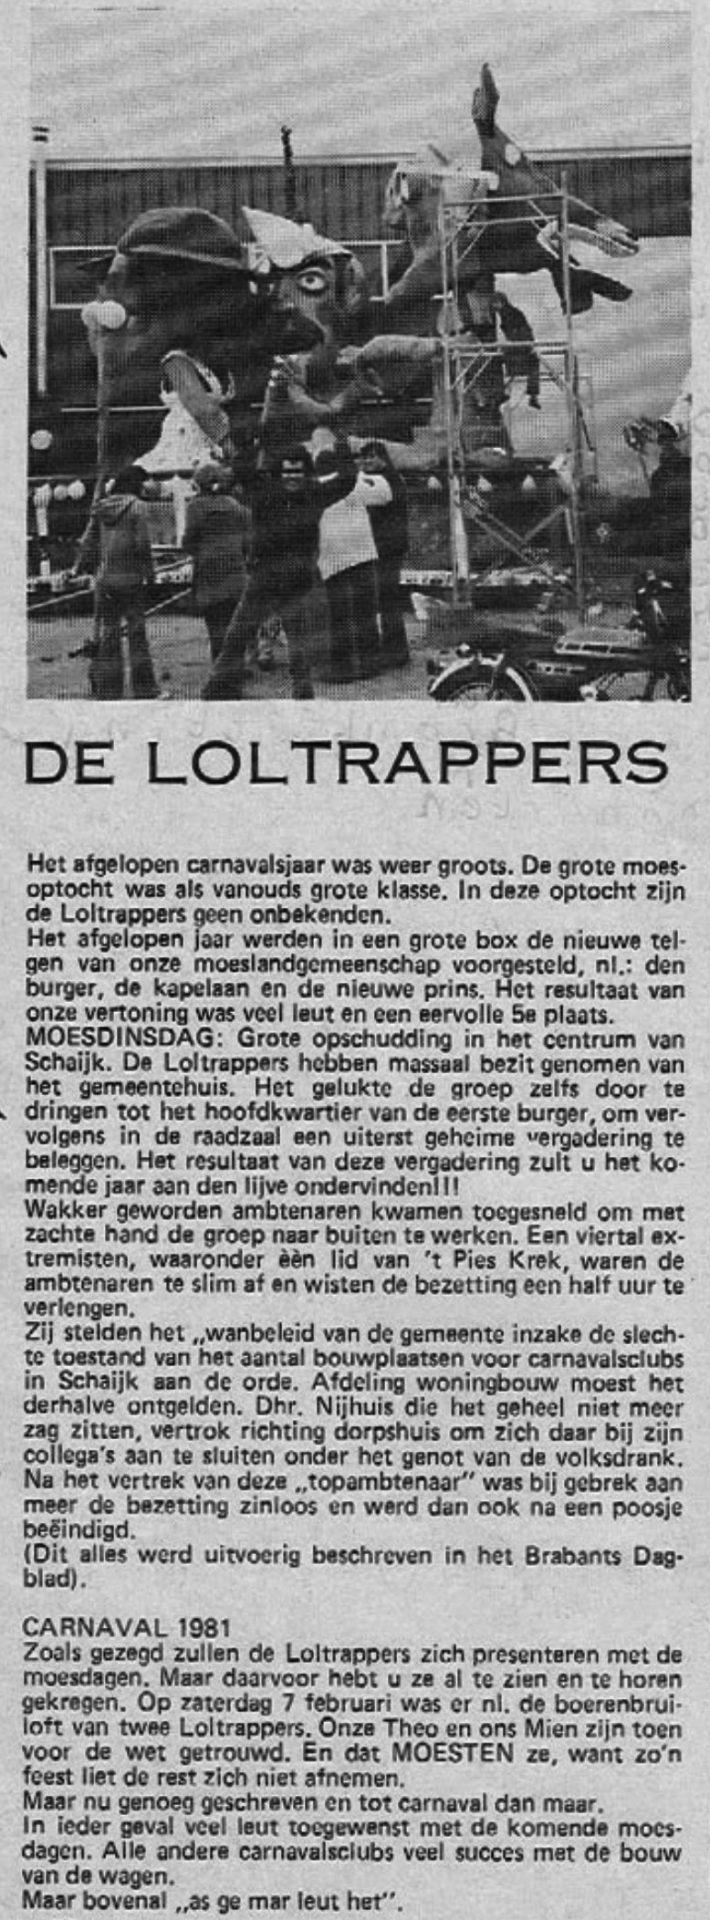 Stukje uit de carnavalskrant van de Loltrappers - 1981